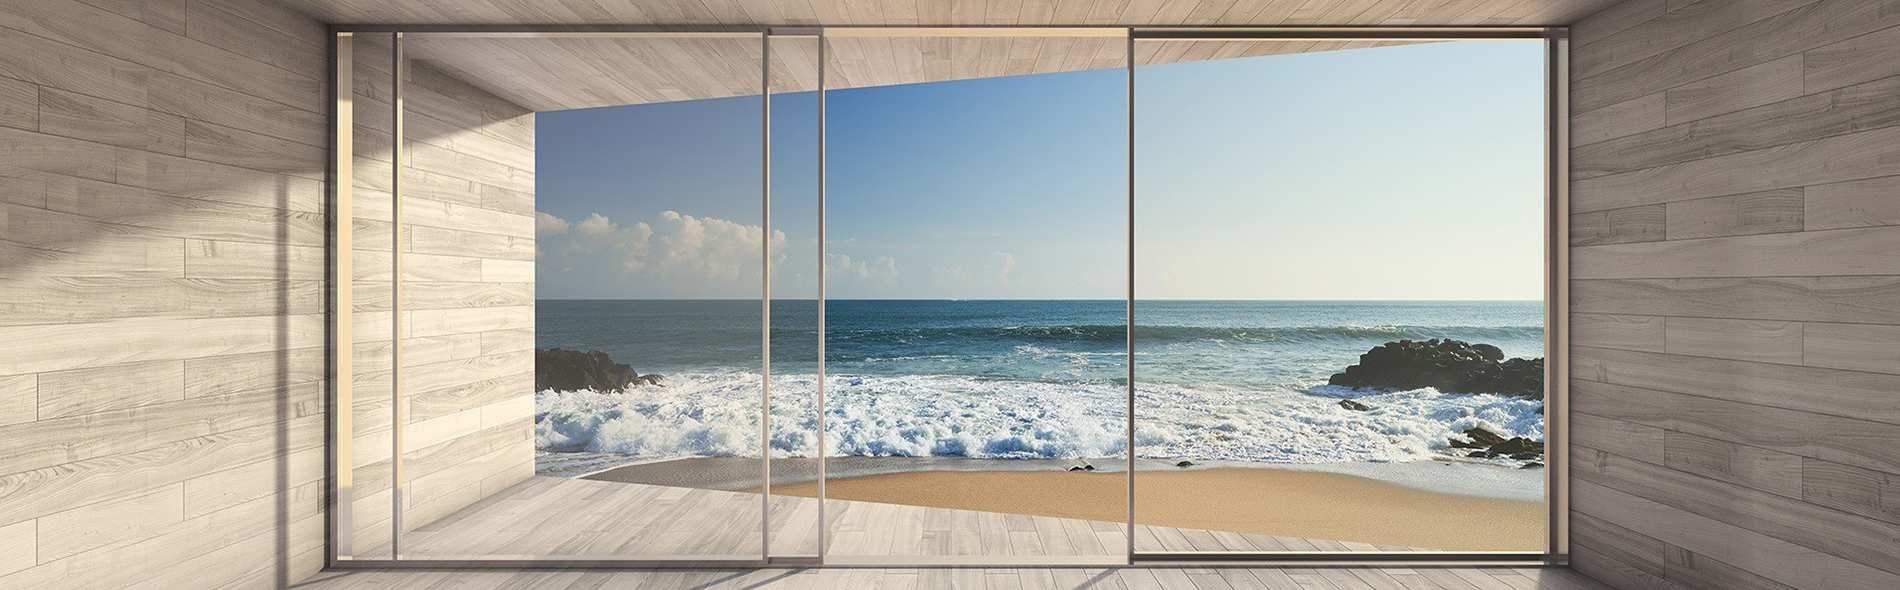 Alfox dise o cortinas de cristal para terrazas en m laga - Cortinas fuengirola ...